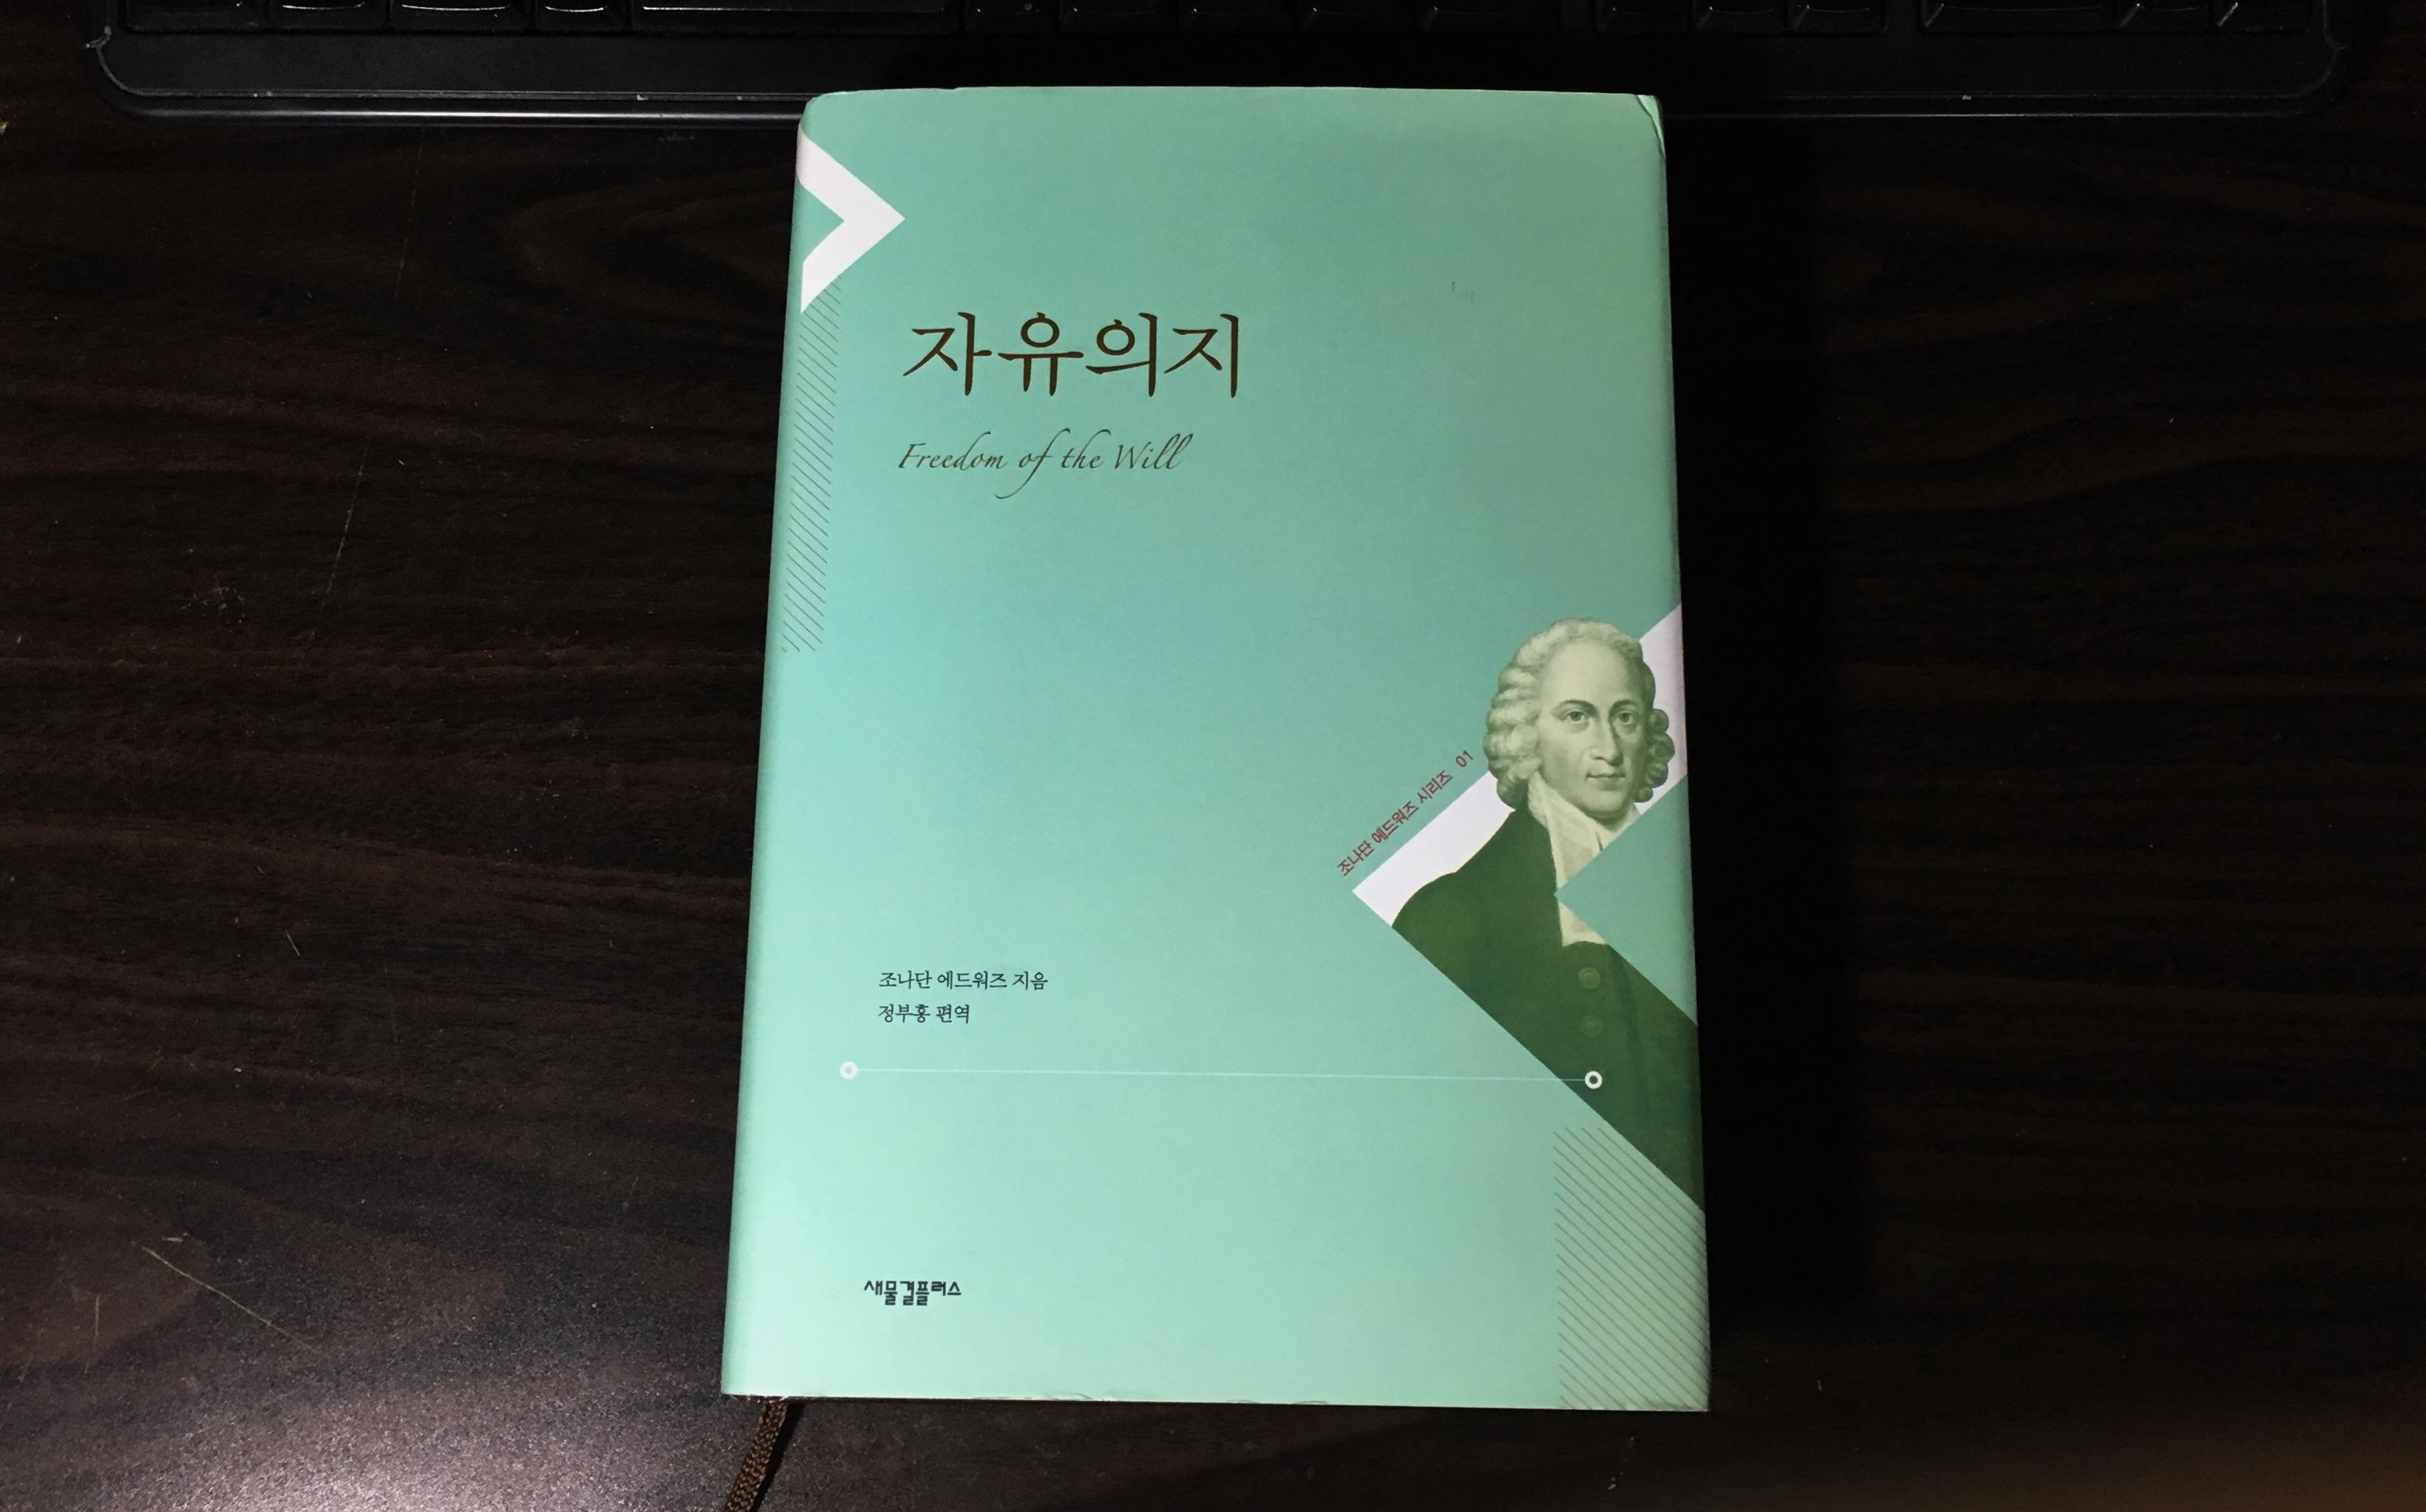 자유의지 - 조나단 에드워드 / 정부홍 편역